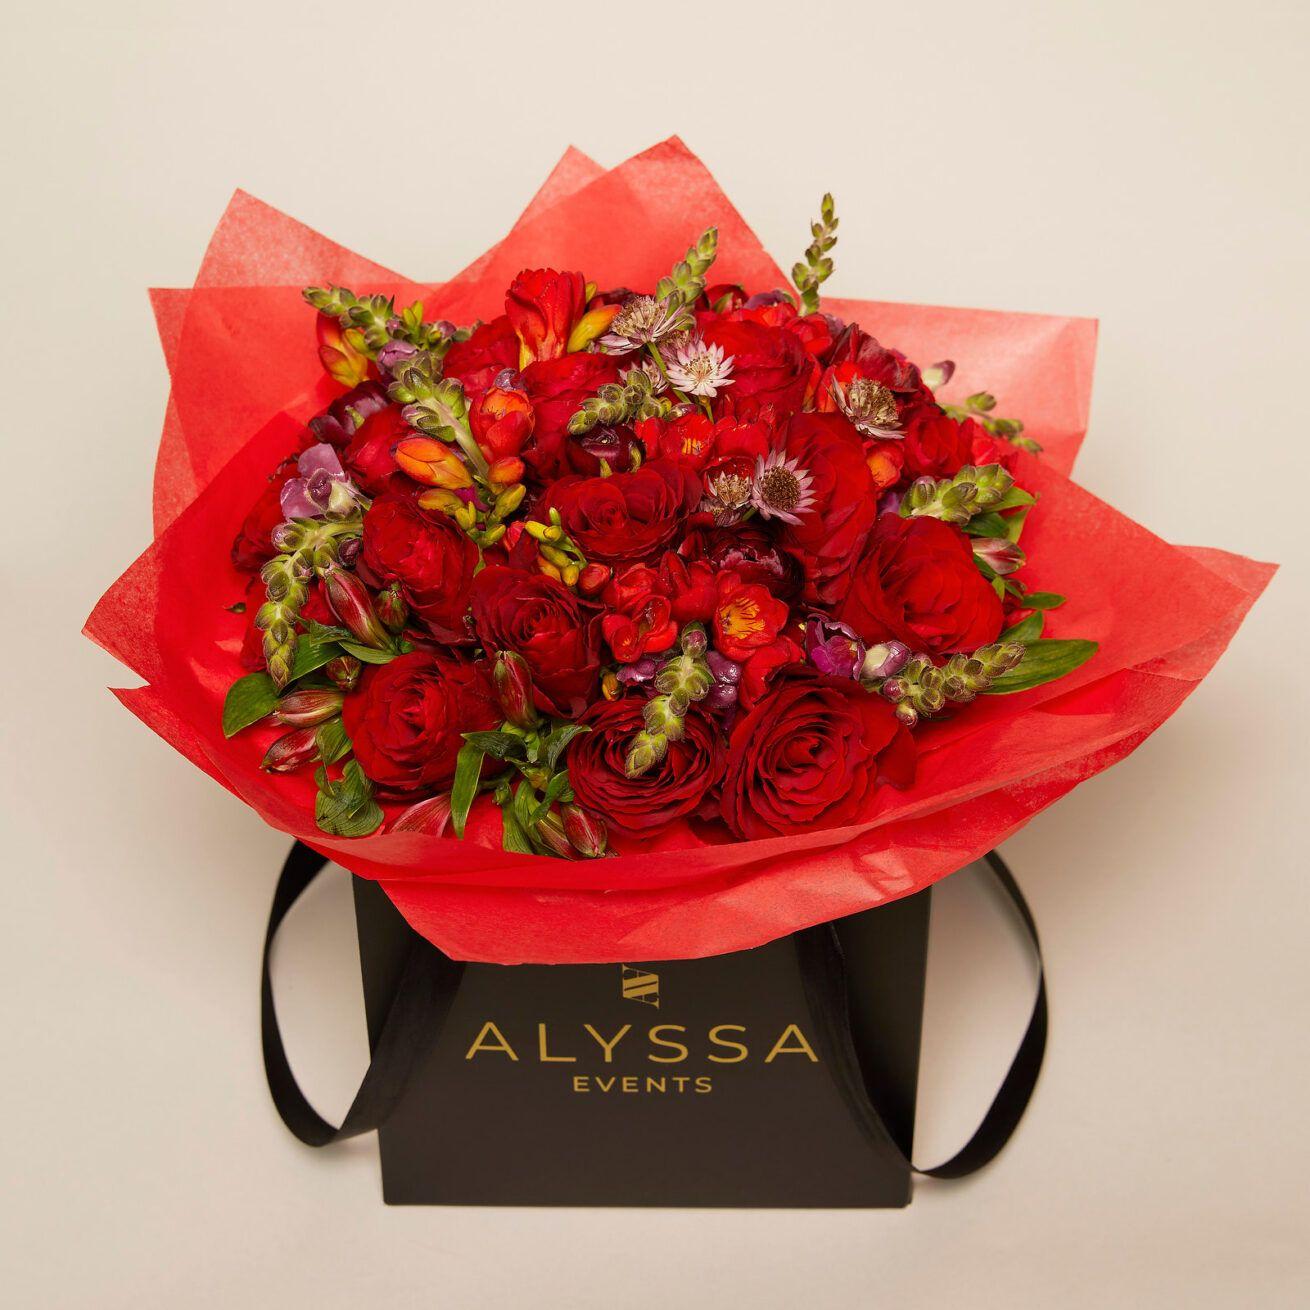 Fotografie de produs în studio cutie flori Alyssa Events-Dan Malureanu-03